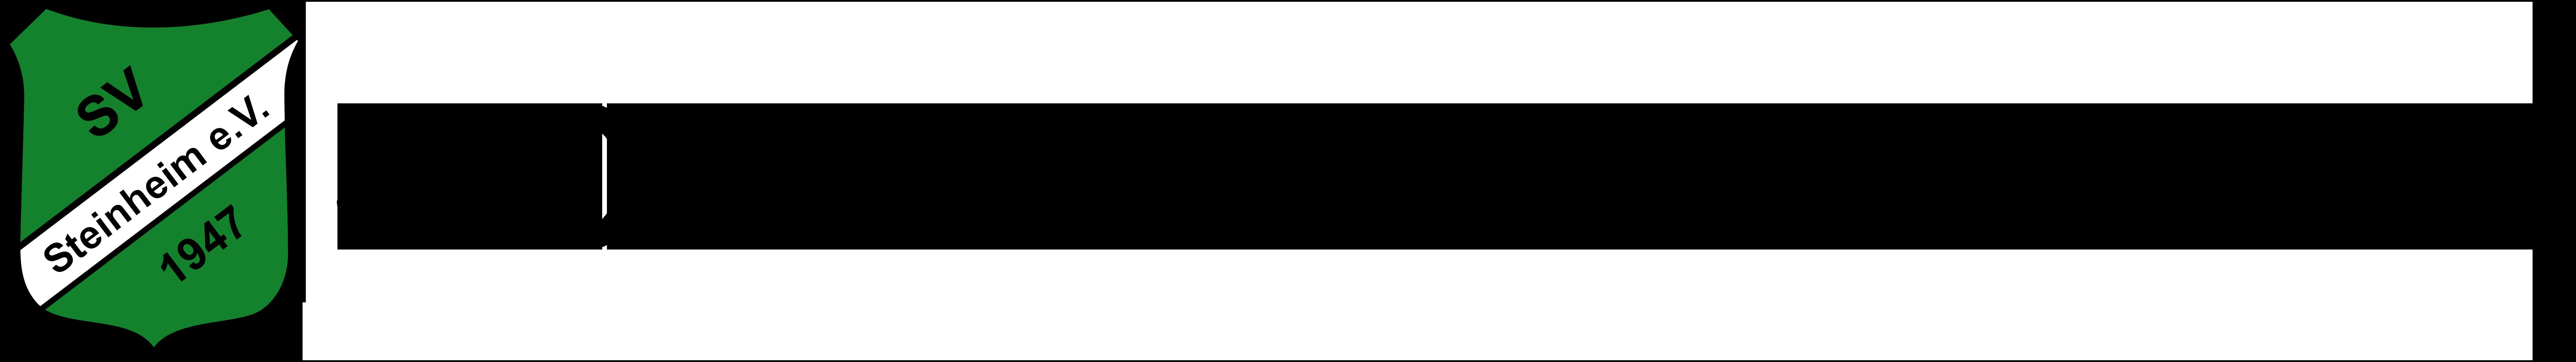 Leichtathletik – SV Steinheim e.V.